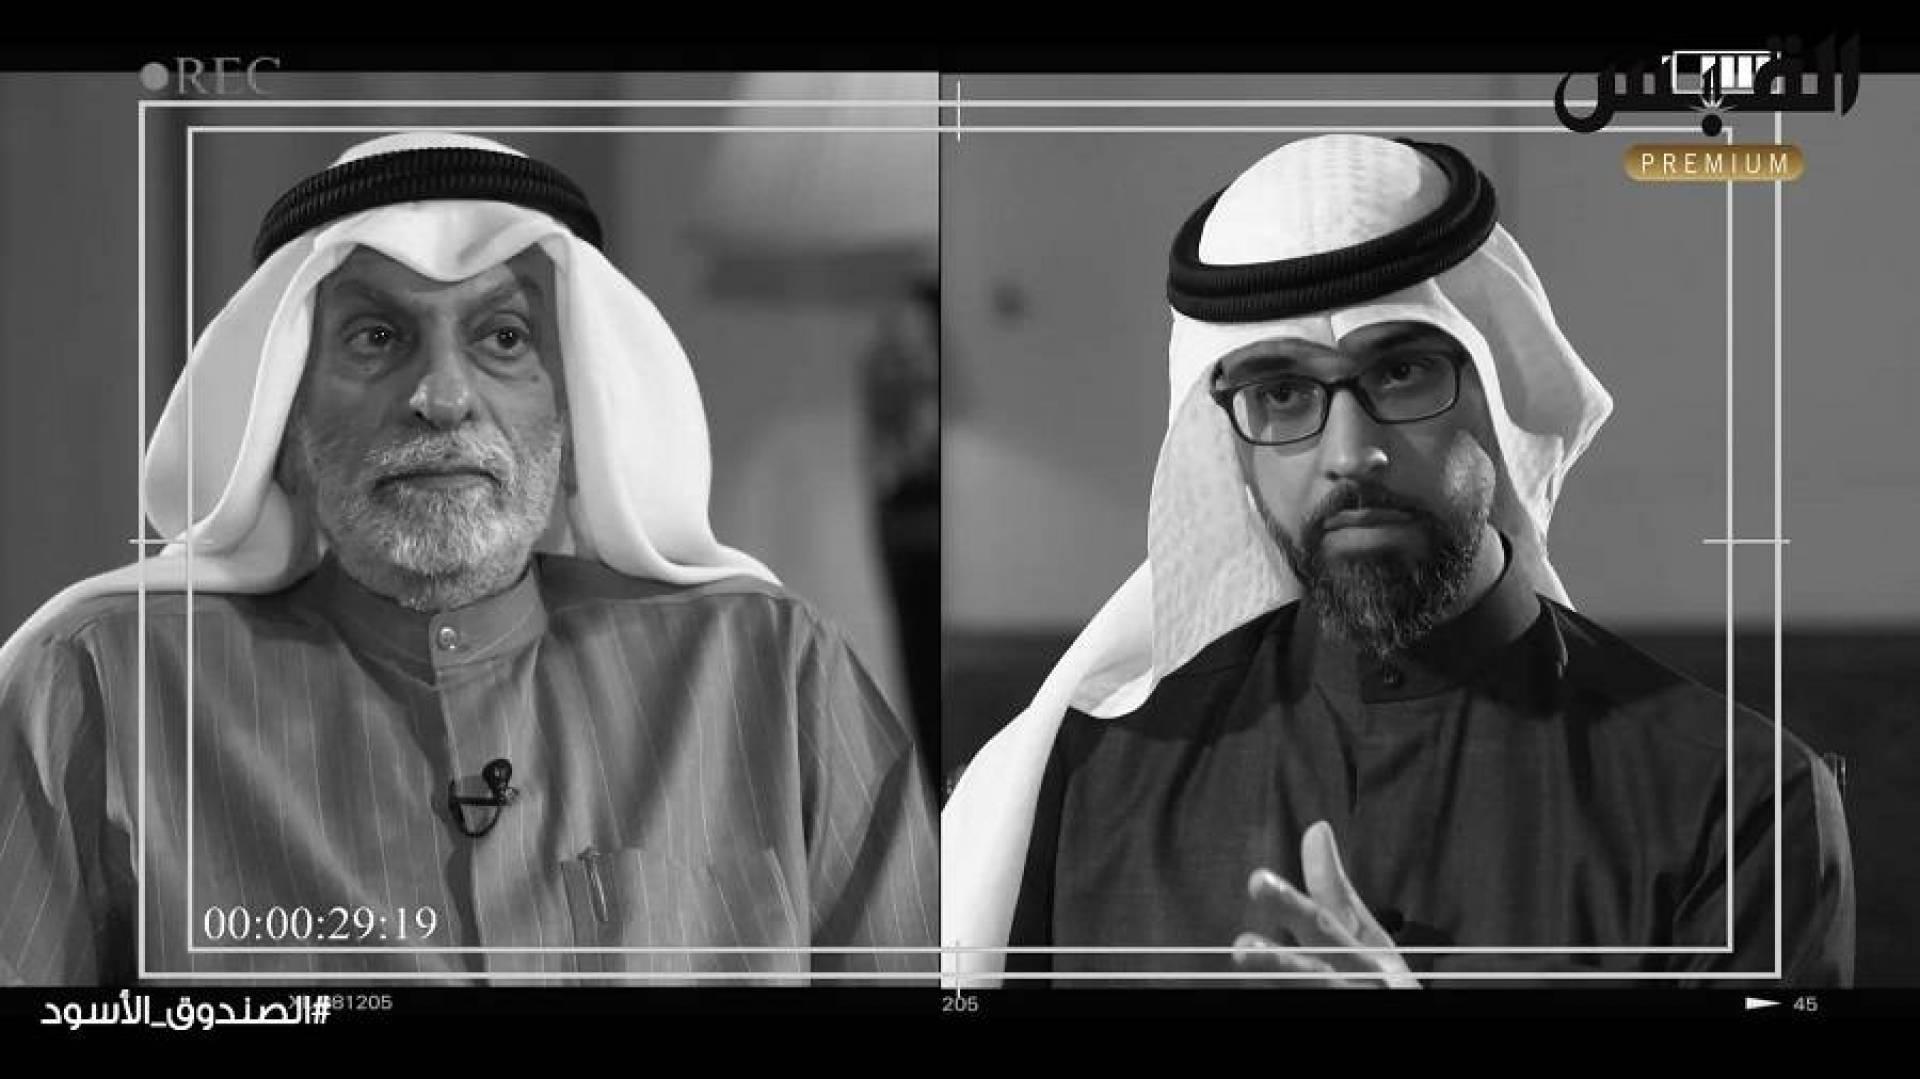 كواليس تصوير حلقات الصندوق الأسود مع الدكتور عبدالله النفيسي